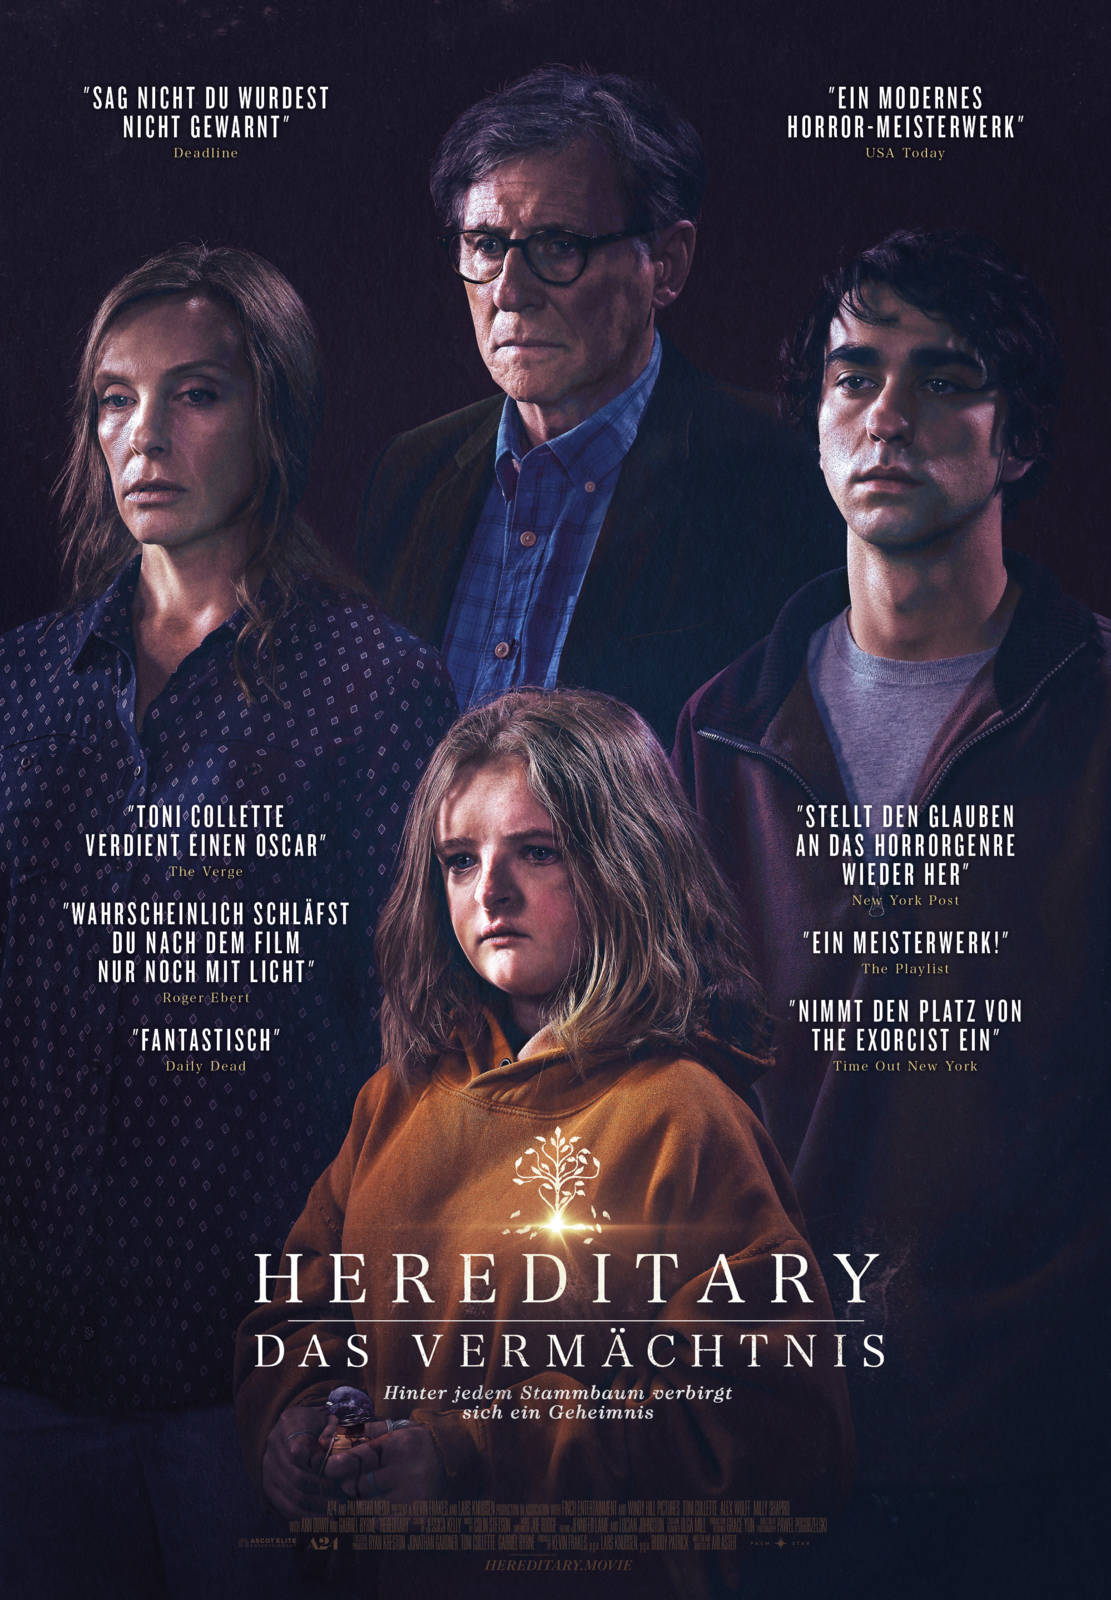 hereditary film